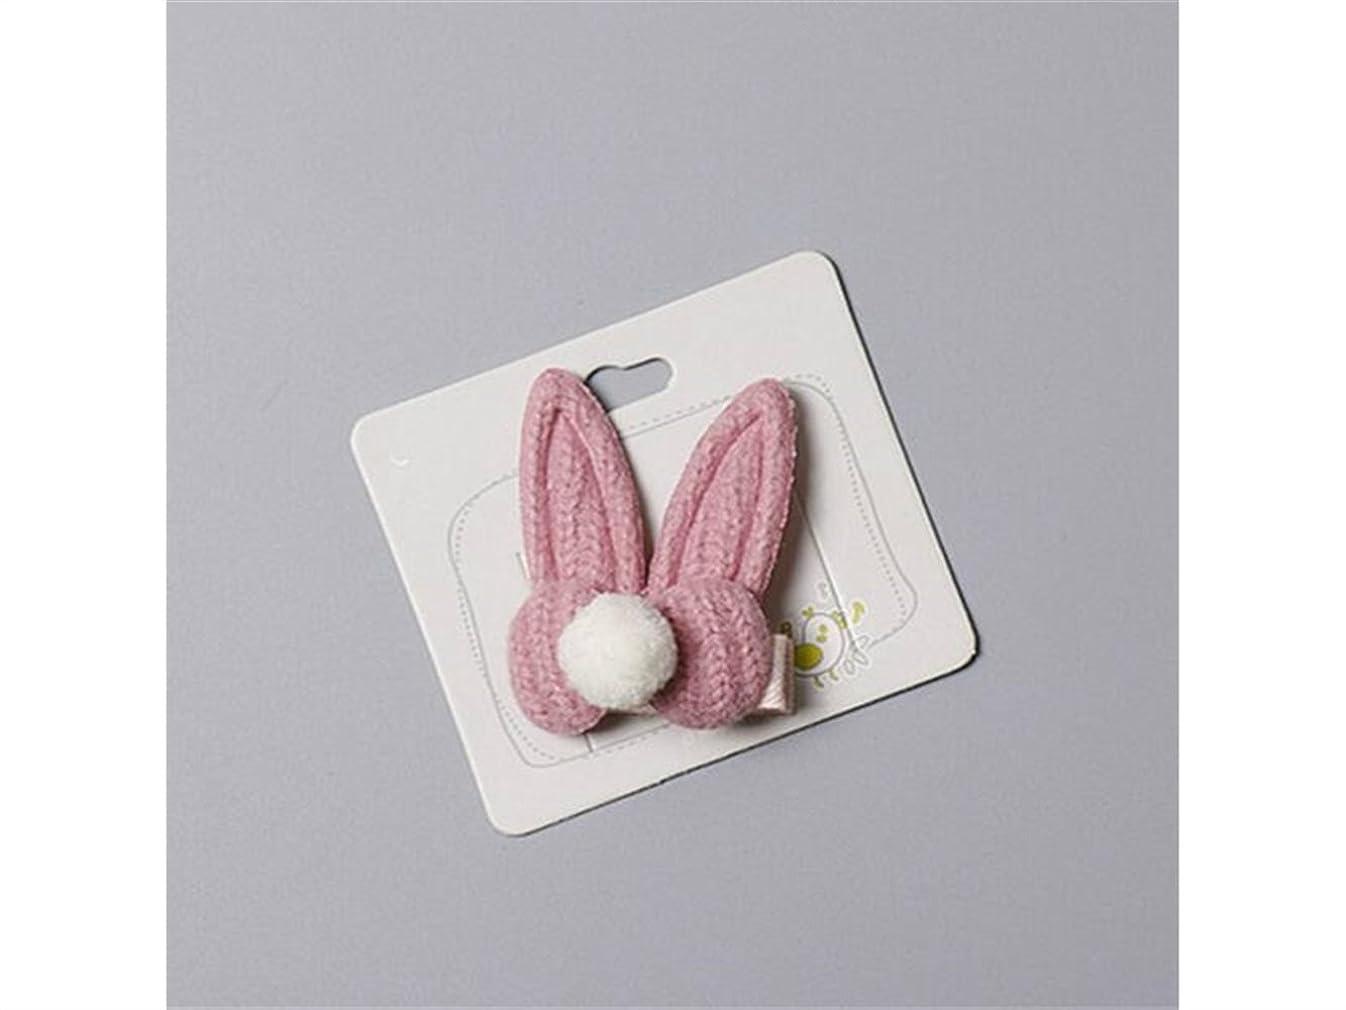 転用靴ピンポイントOsize 美しいスタイル ファッションウサギの耳毛のボールヘアクリップサイドクリップヘアピンヘアアクセサリー(ピンク)